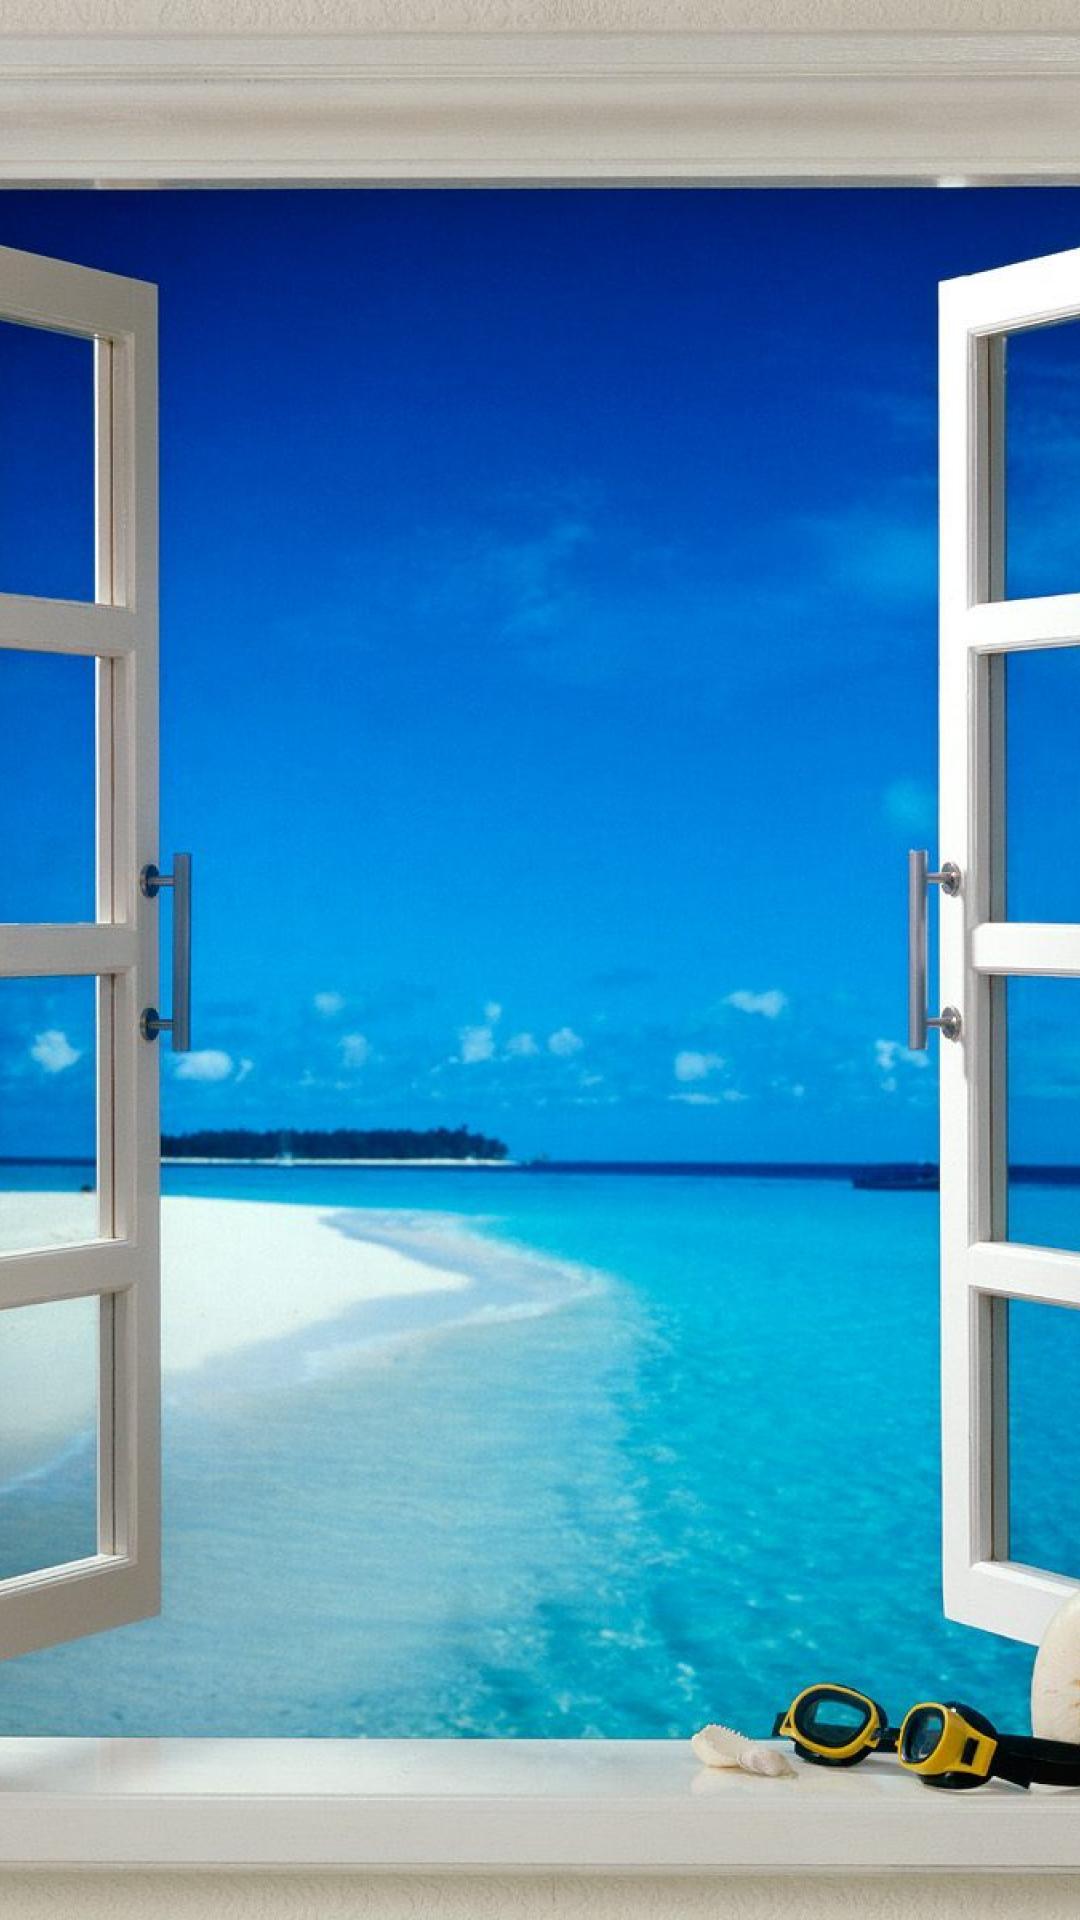 リゾートビーチの窓辺 Iphone6壁紙 Iphone Wallpapers